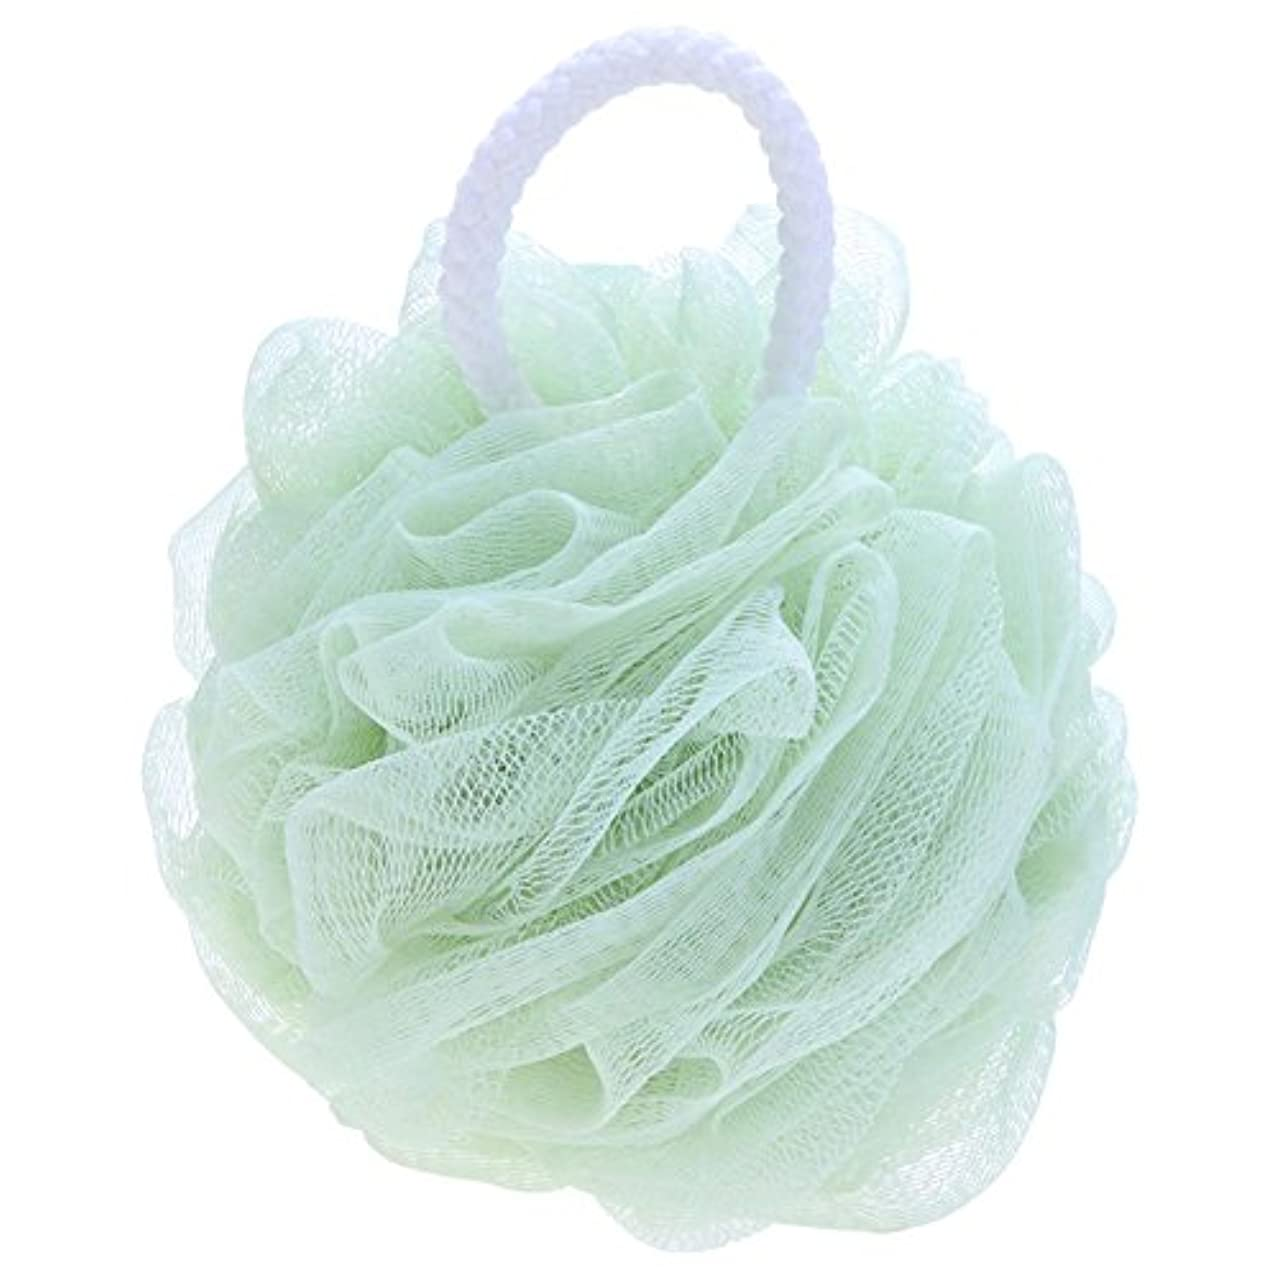 件名振動させる外側Demiawaking 泡立てネットフラワーボール 泡ボール 柔らかい ボディ洗い お風呂用 泡立ち ブルー